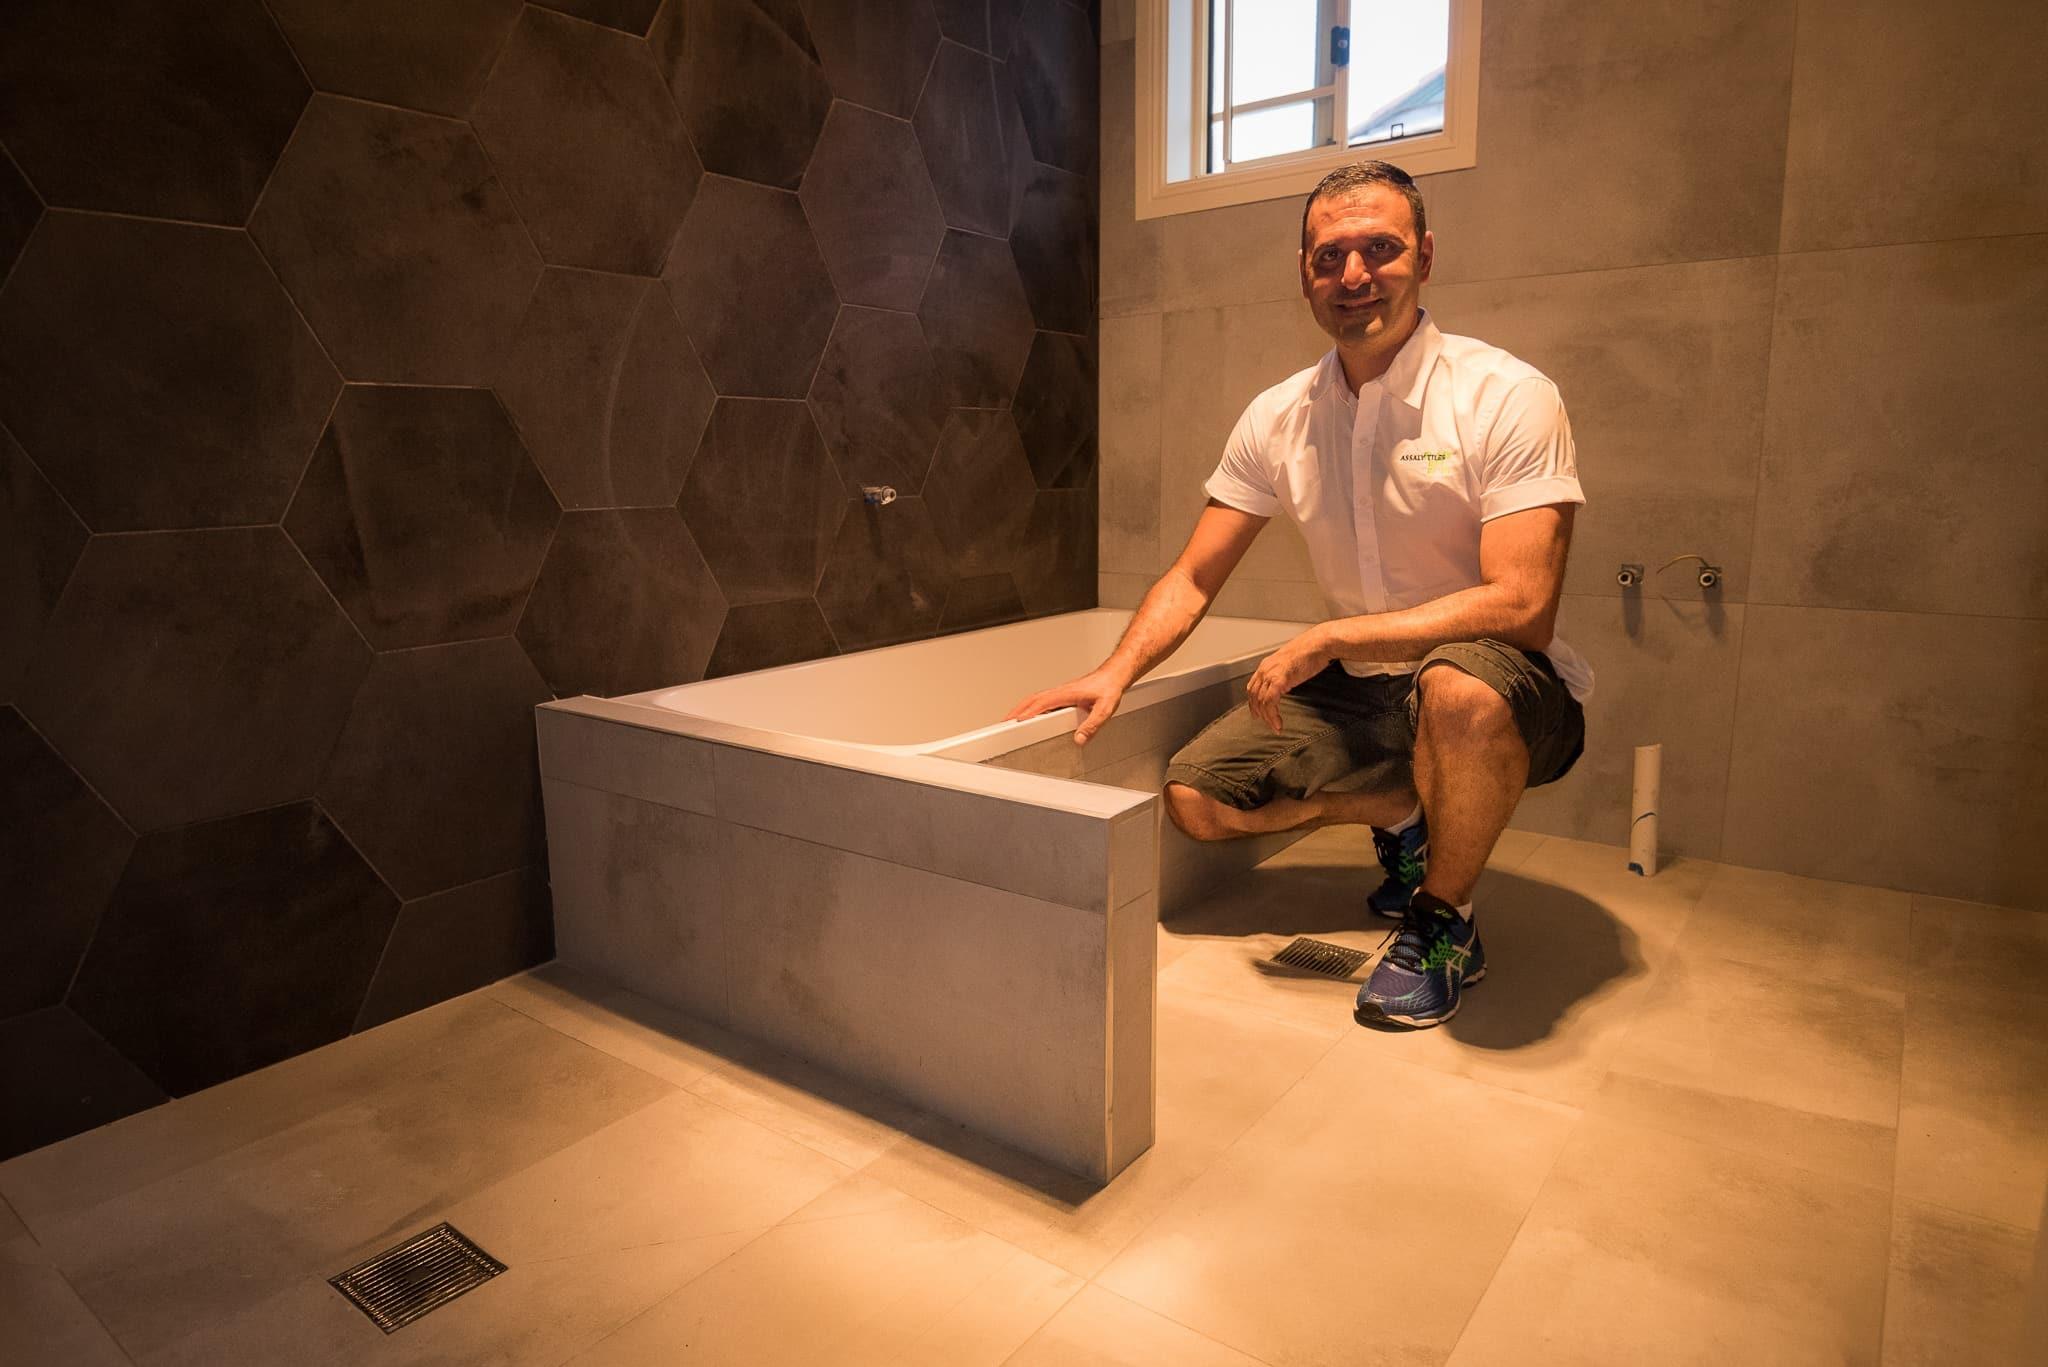 Assaly tiled bathroom